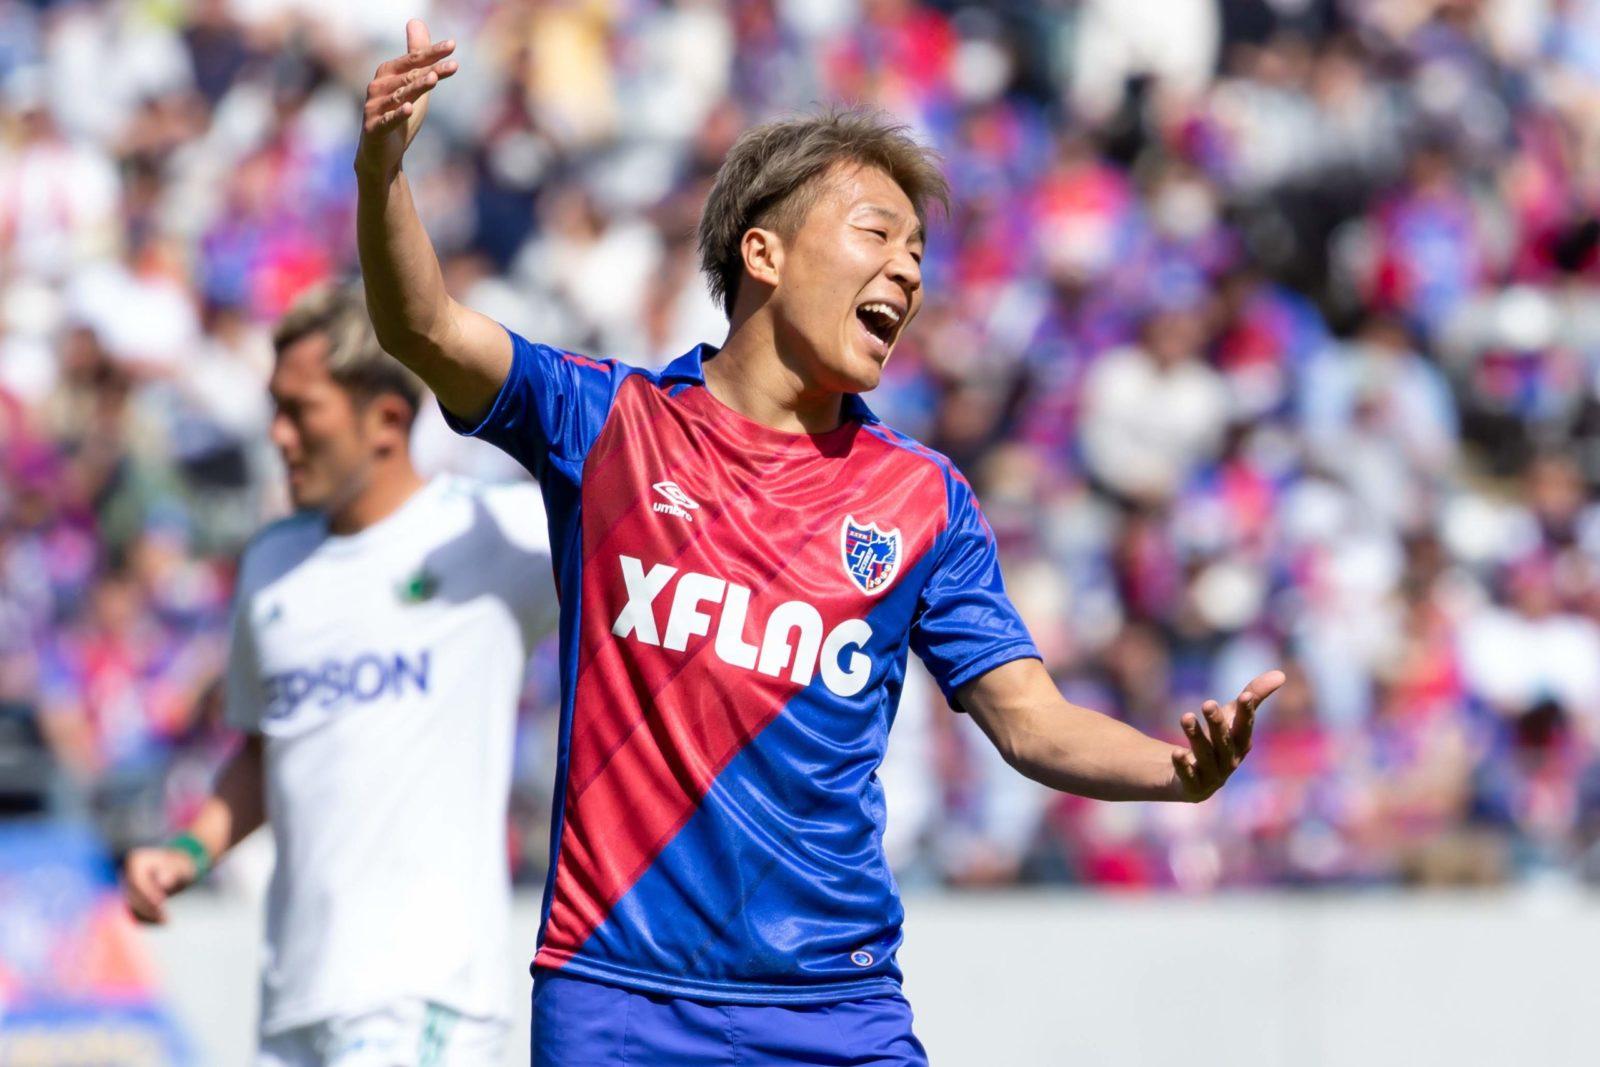 【FC東京】永井謙佑が先制、蔚山現代のパスサッカーに逆転負け。最終パース戦でGS突破を目指す